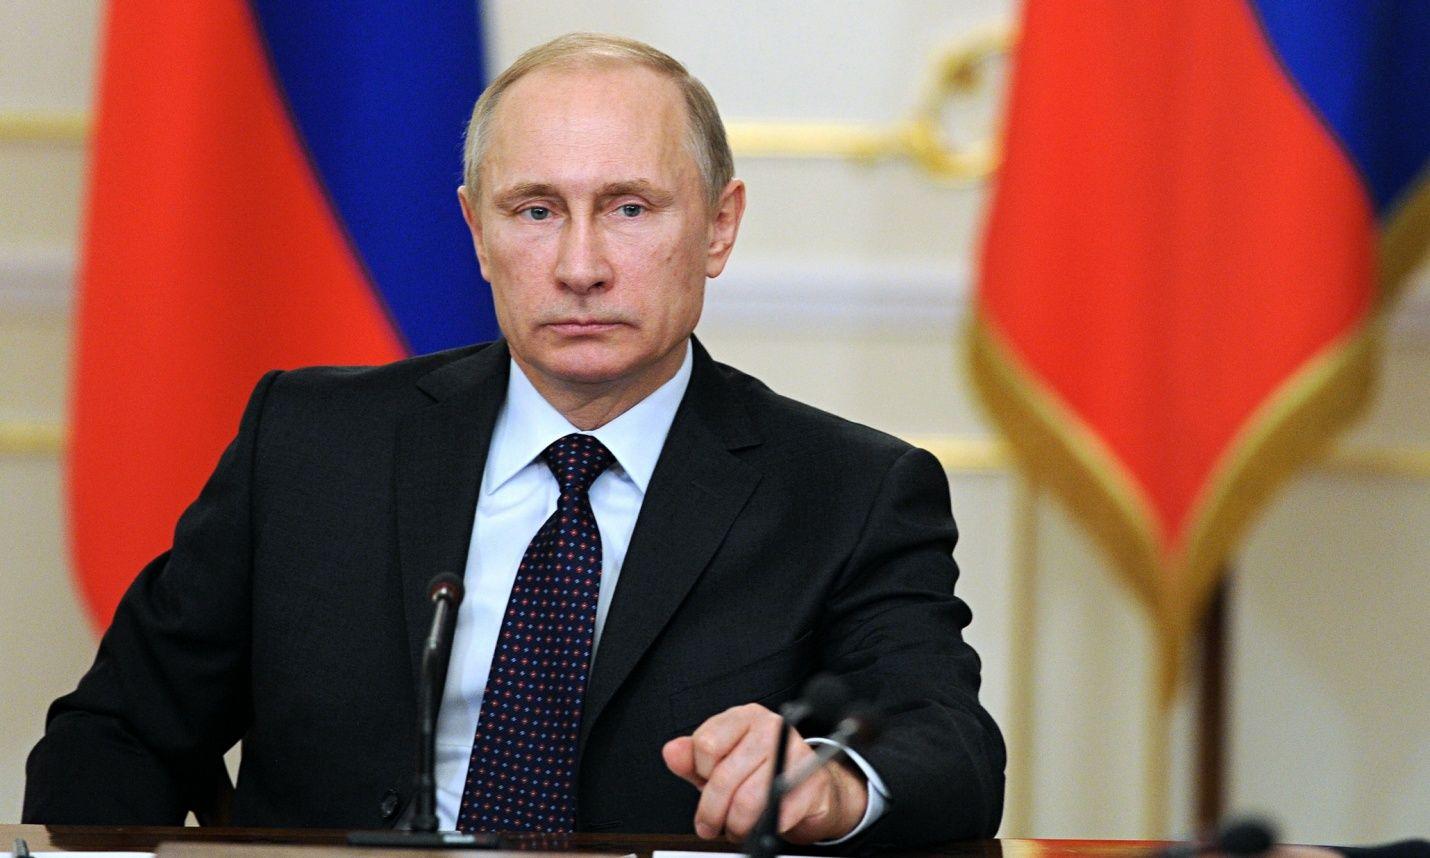 Катастрофа для Росії: Голишев розповів, на що готовий піти Захід, щоб знищити Путіна